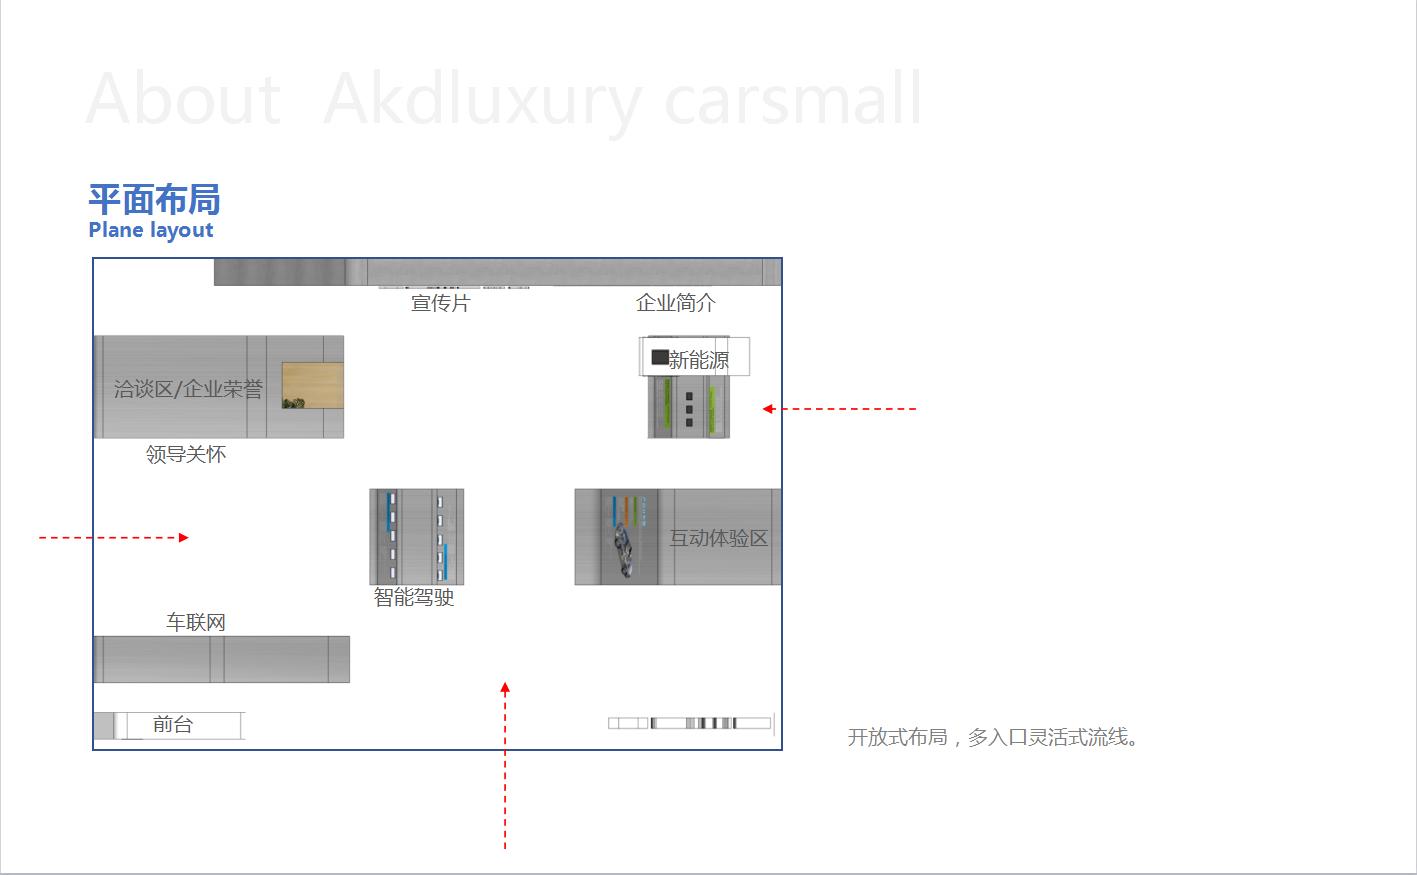 展览设计|空间|展示设计 |忆童生 - 原创作品 - 站酷图片